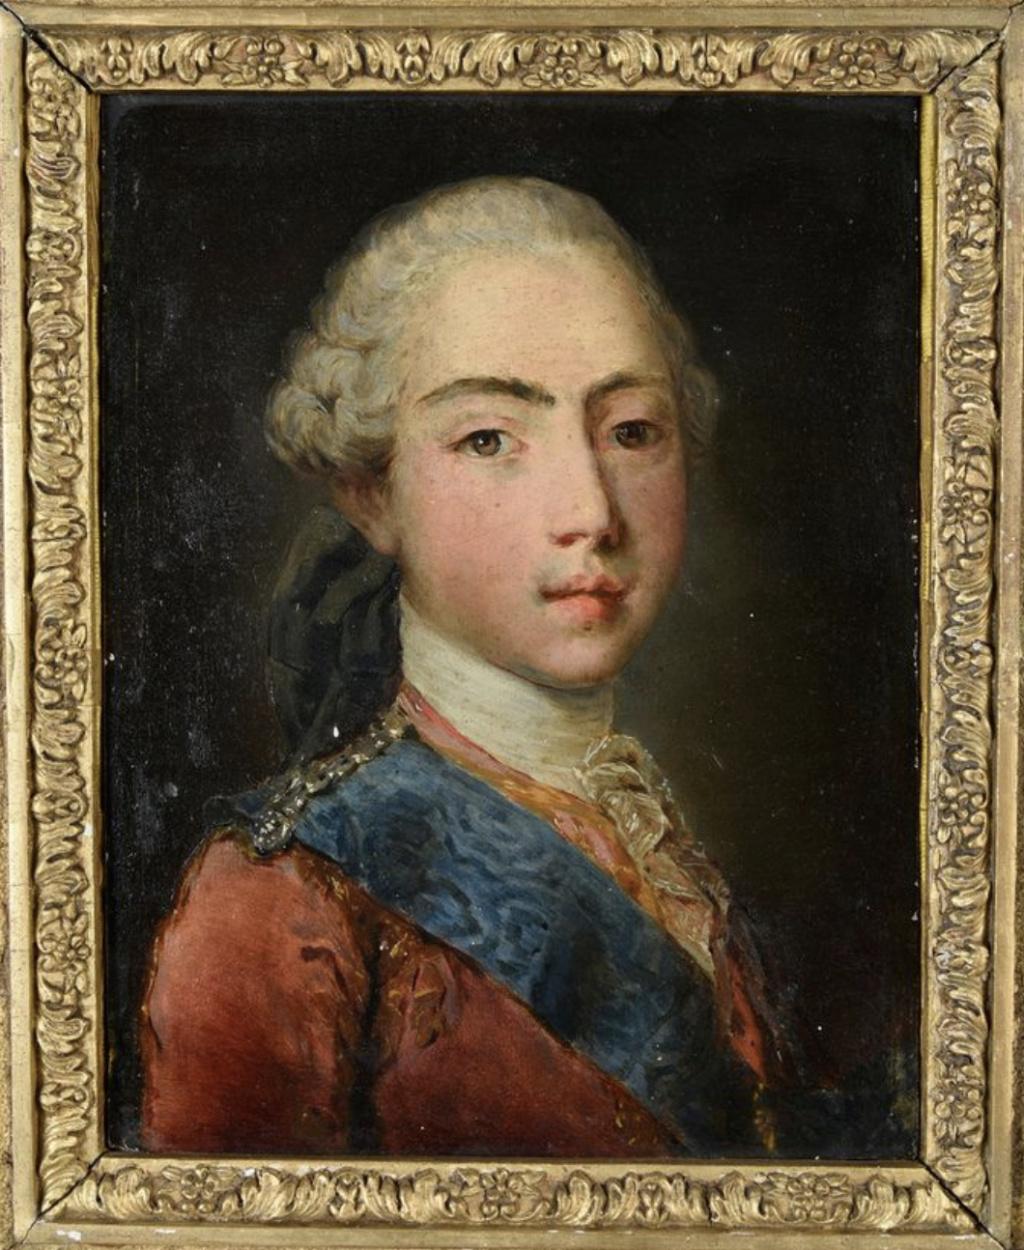 Portraits de Marie-Antoinette et de la famille royale, par Jean-Martial Frédou - Page 2 Capt2556